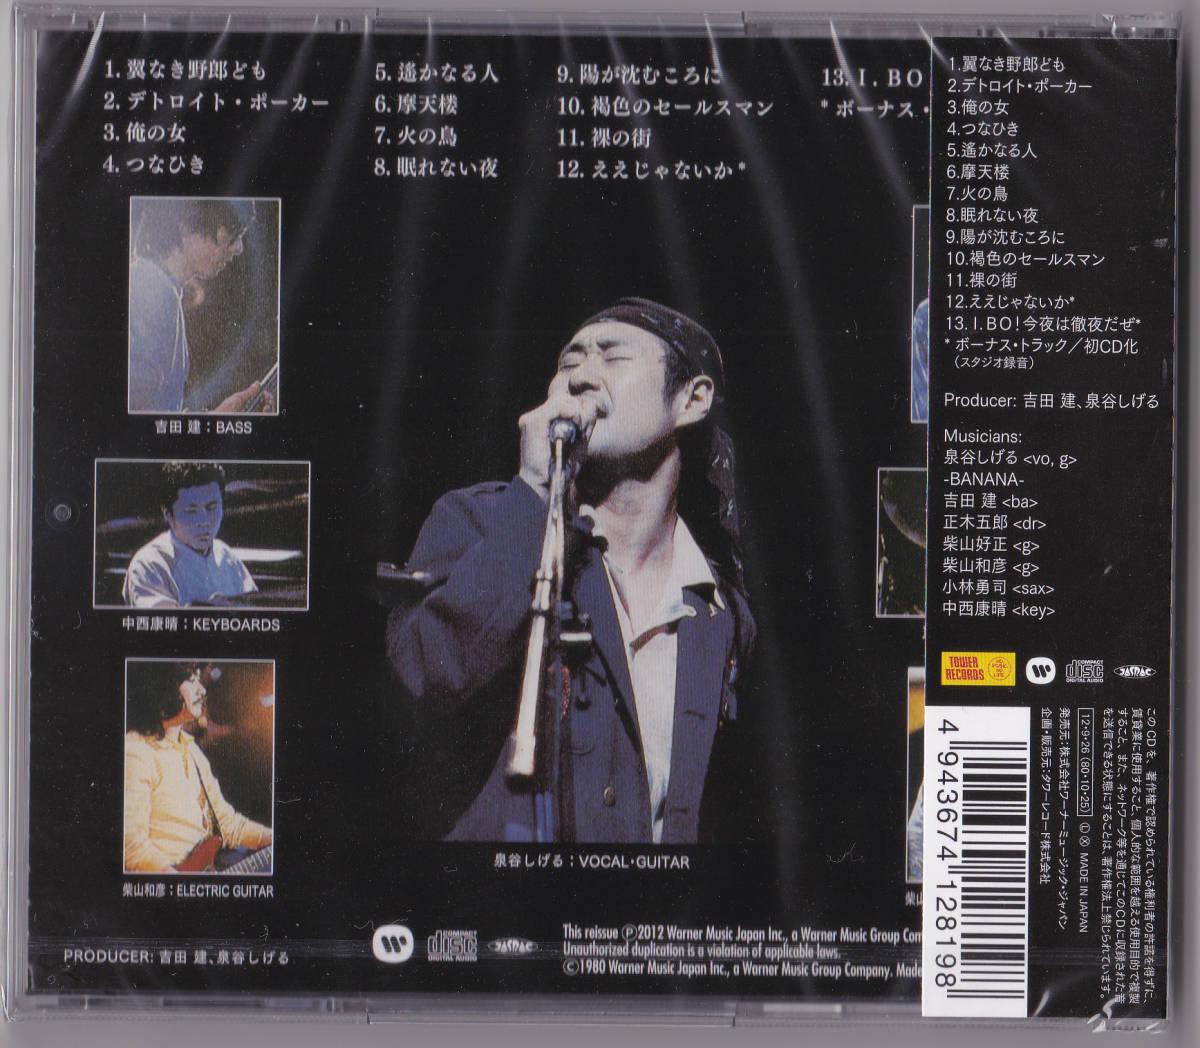 即決【未開封 新品】 CD ■ 泉谷しげる ■ オールナイト・ライブ_画像2